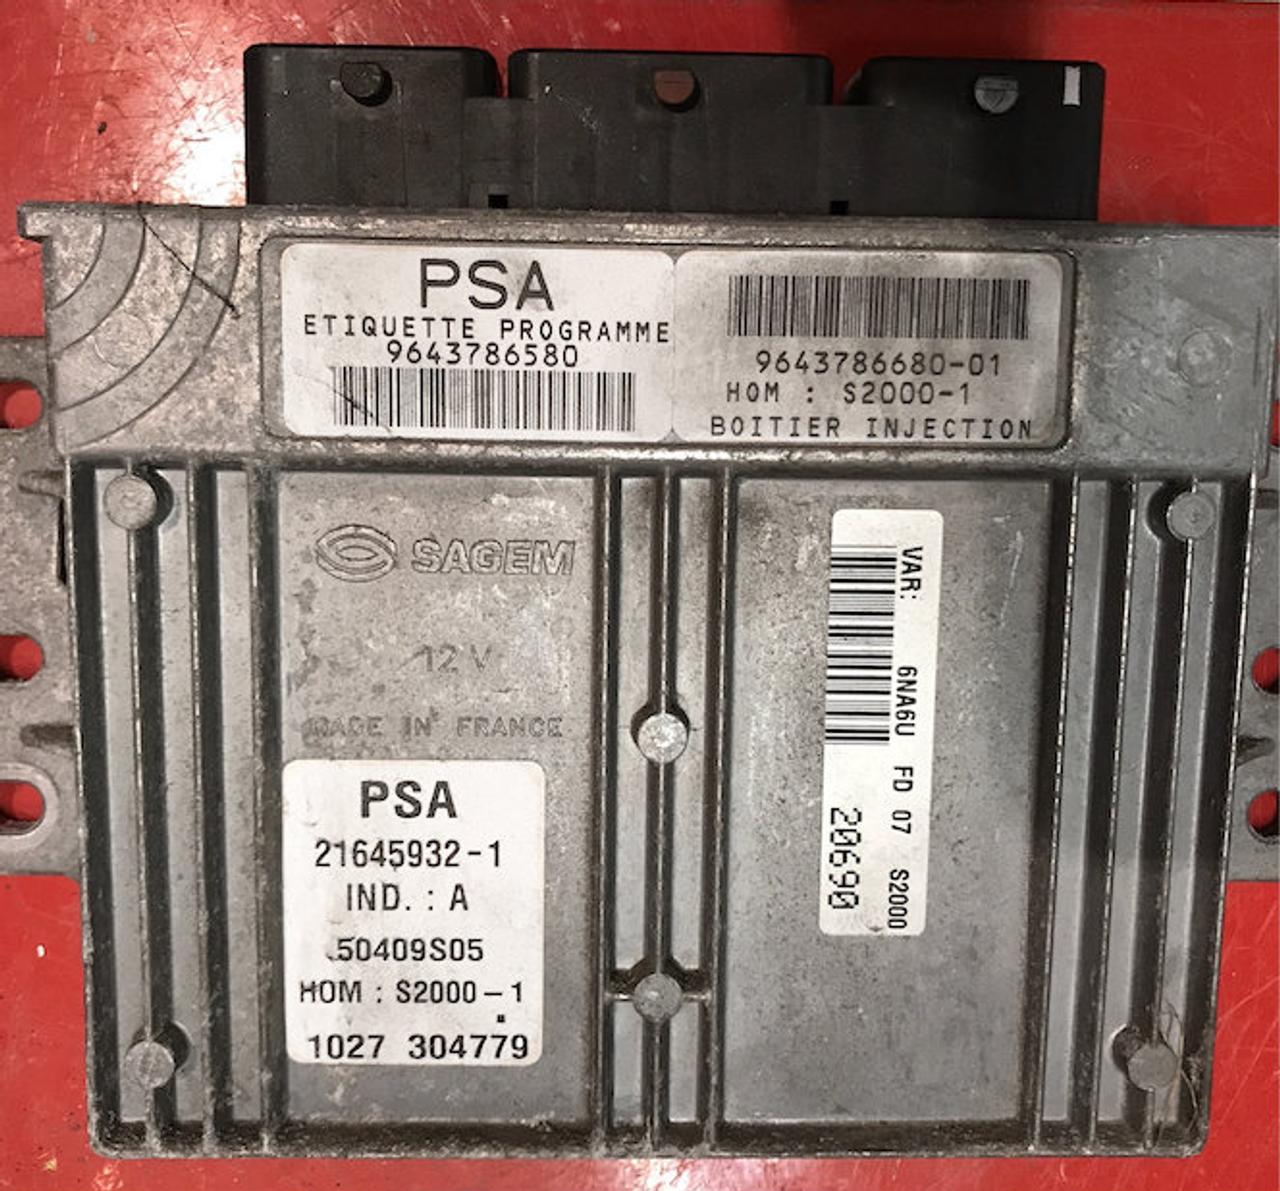 PSA, S2000-1, 9643786580, 9643786680-01, 21645932-1, IND.:A